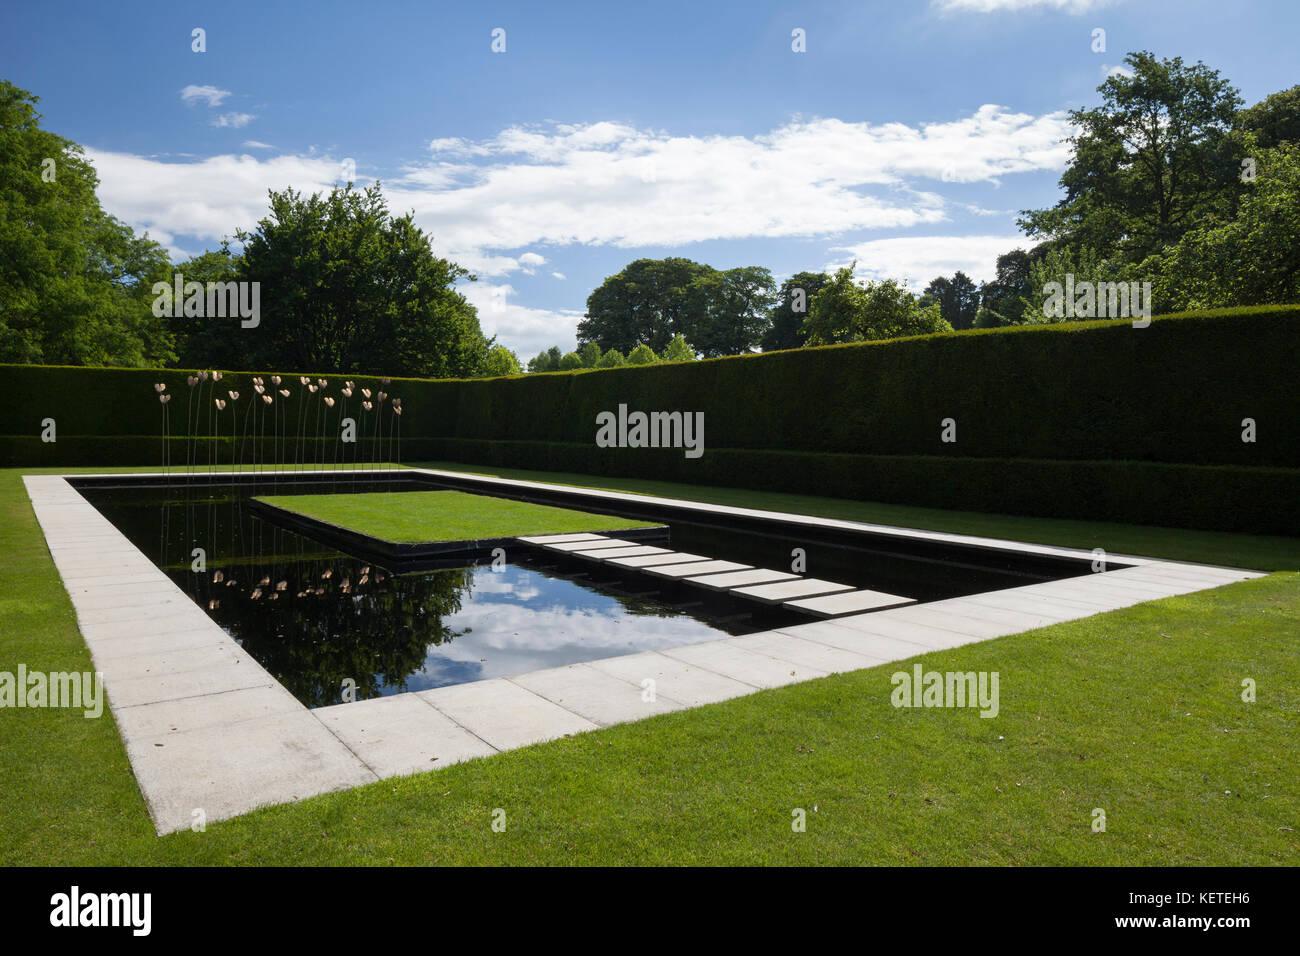 le jardin d 39 eau contemporain avec l 39 art moderne sculpture est clos par des haies d 39 ifs. Black Bedroom Furniture Sets. Home Design Ideas